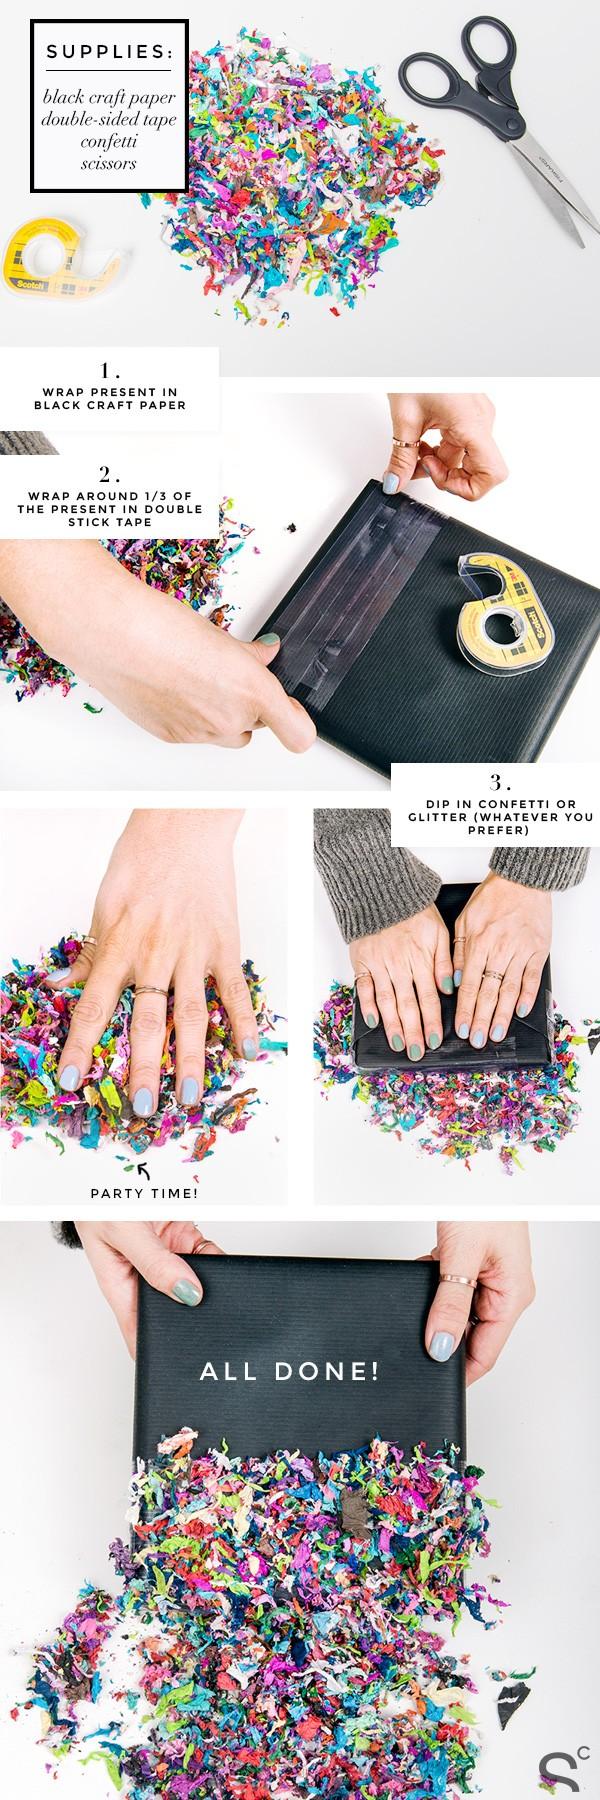 Новогодняя упаковка своими руками из конфетти